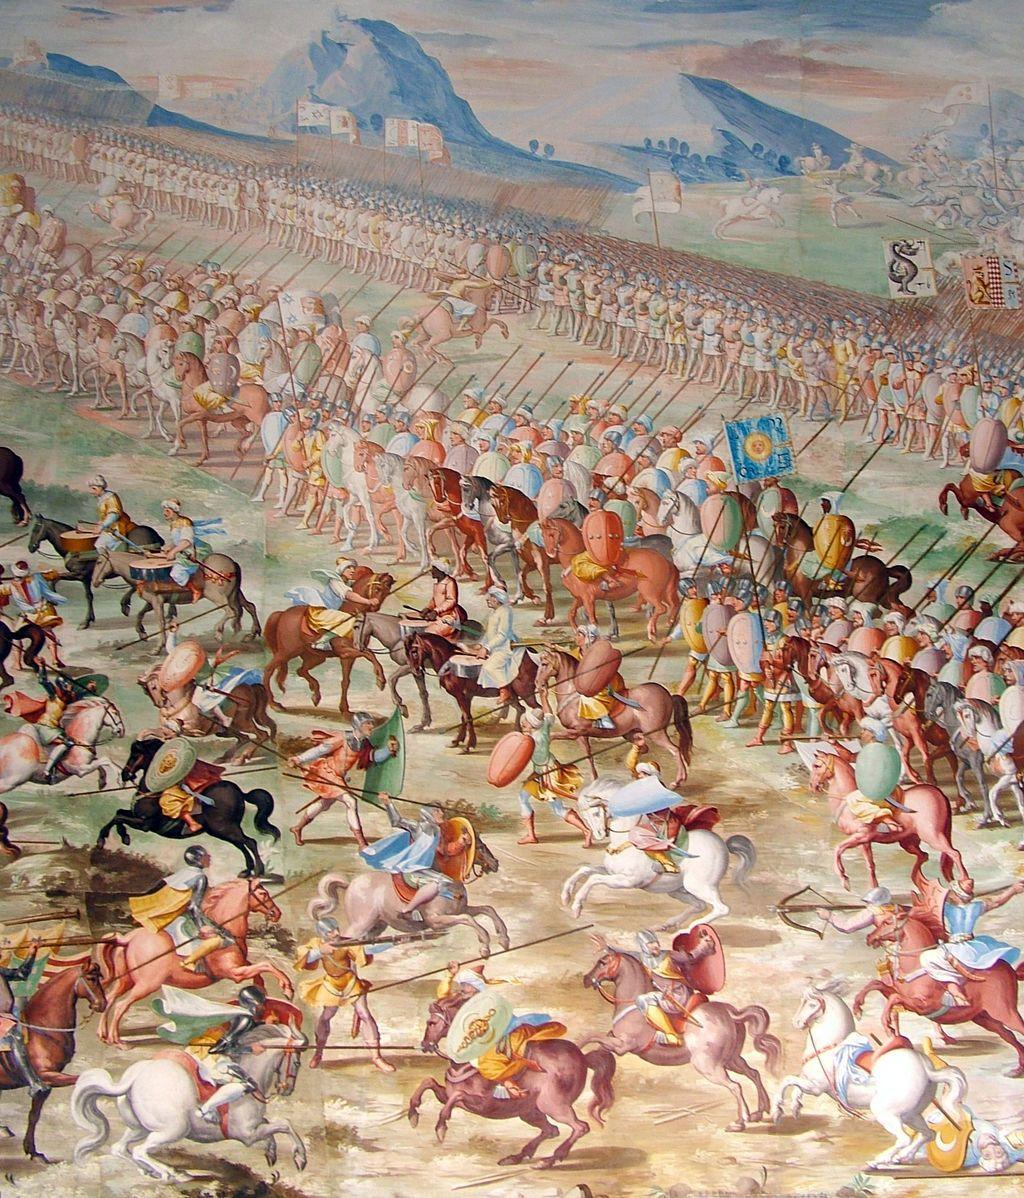 Detalle del fresco La Batalla de La Higueruela, en la sala de Batallas del Monasterio de San Lorenzo de El Escorial.